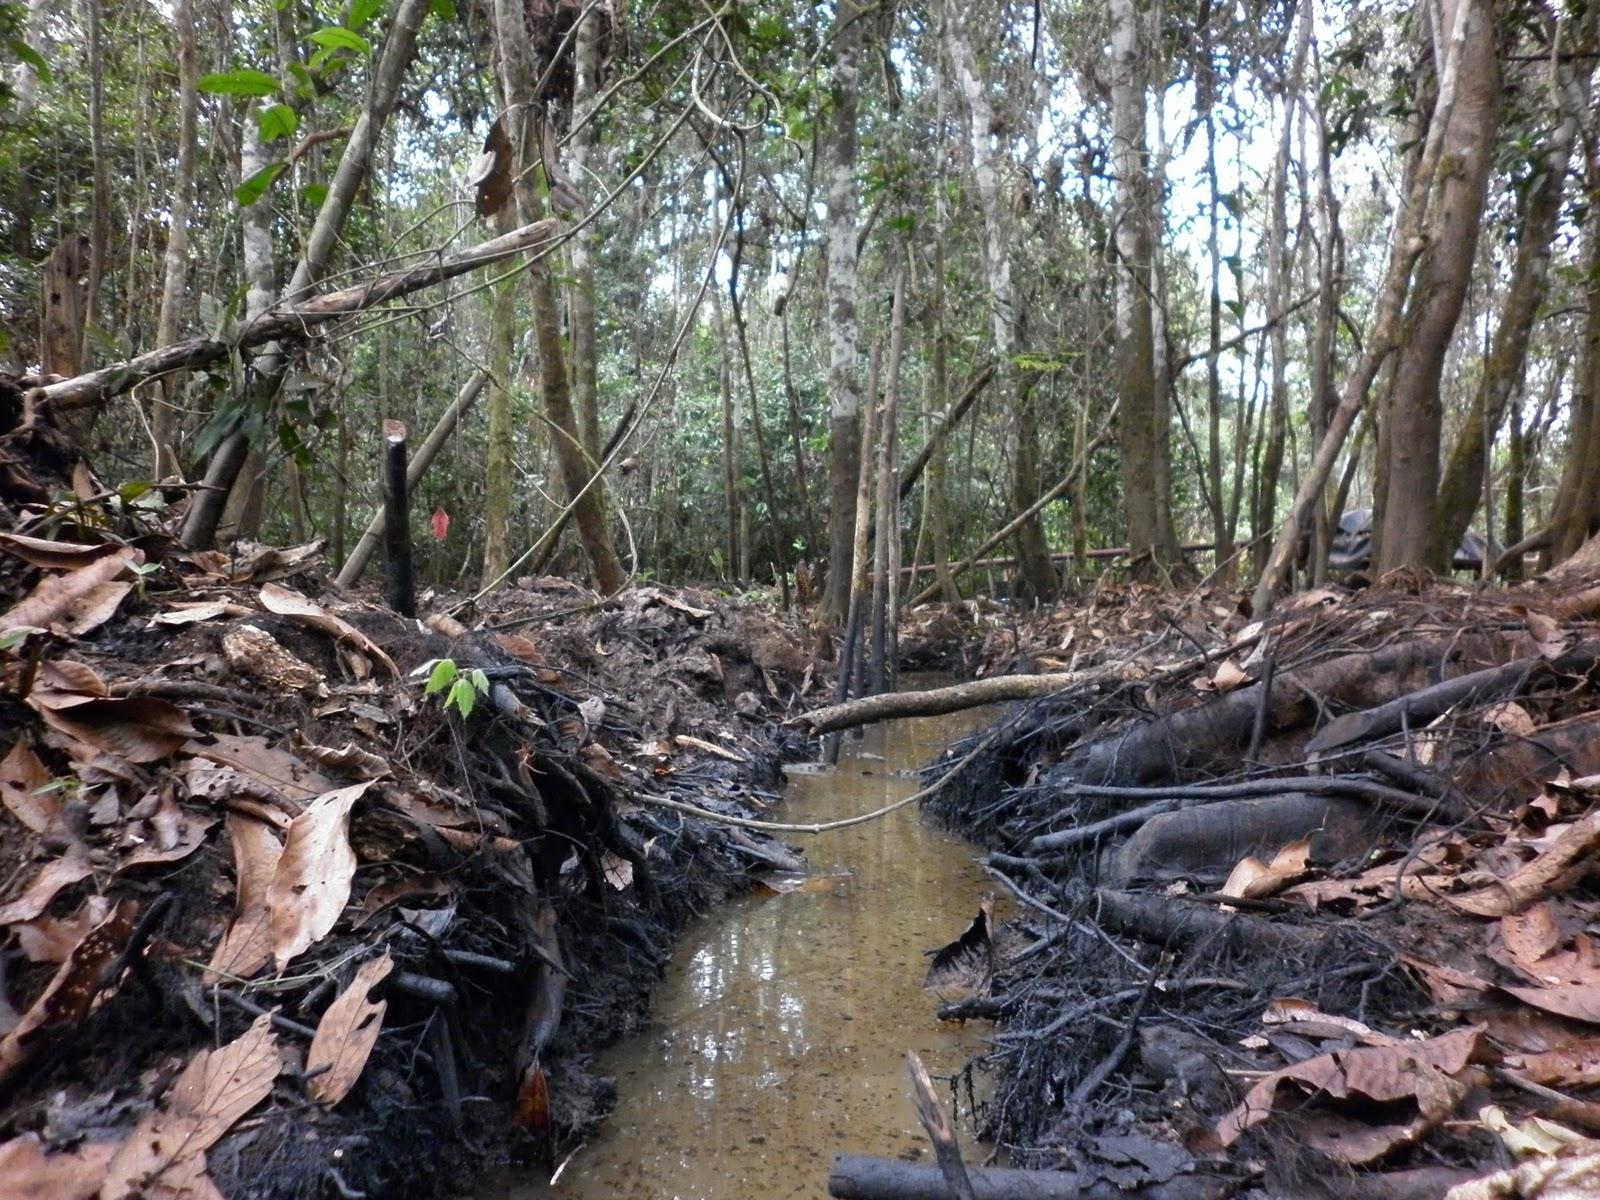 Análisis de los derrames de petróleo en Amazonas y Loreto desde la perspectiva de la construcción social de los problemas socioambientales